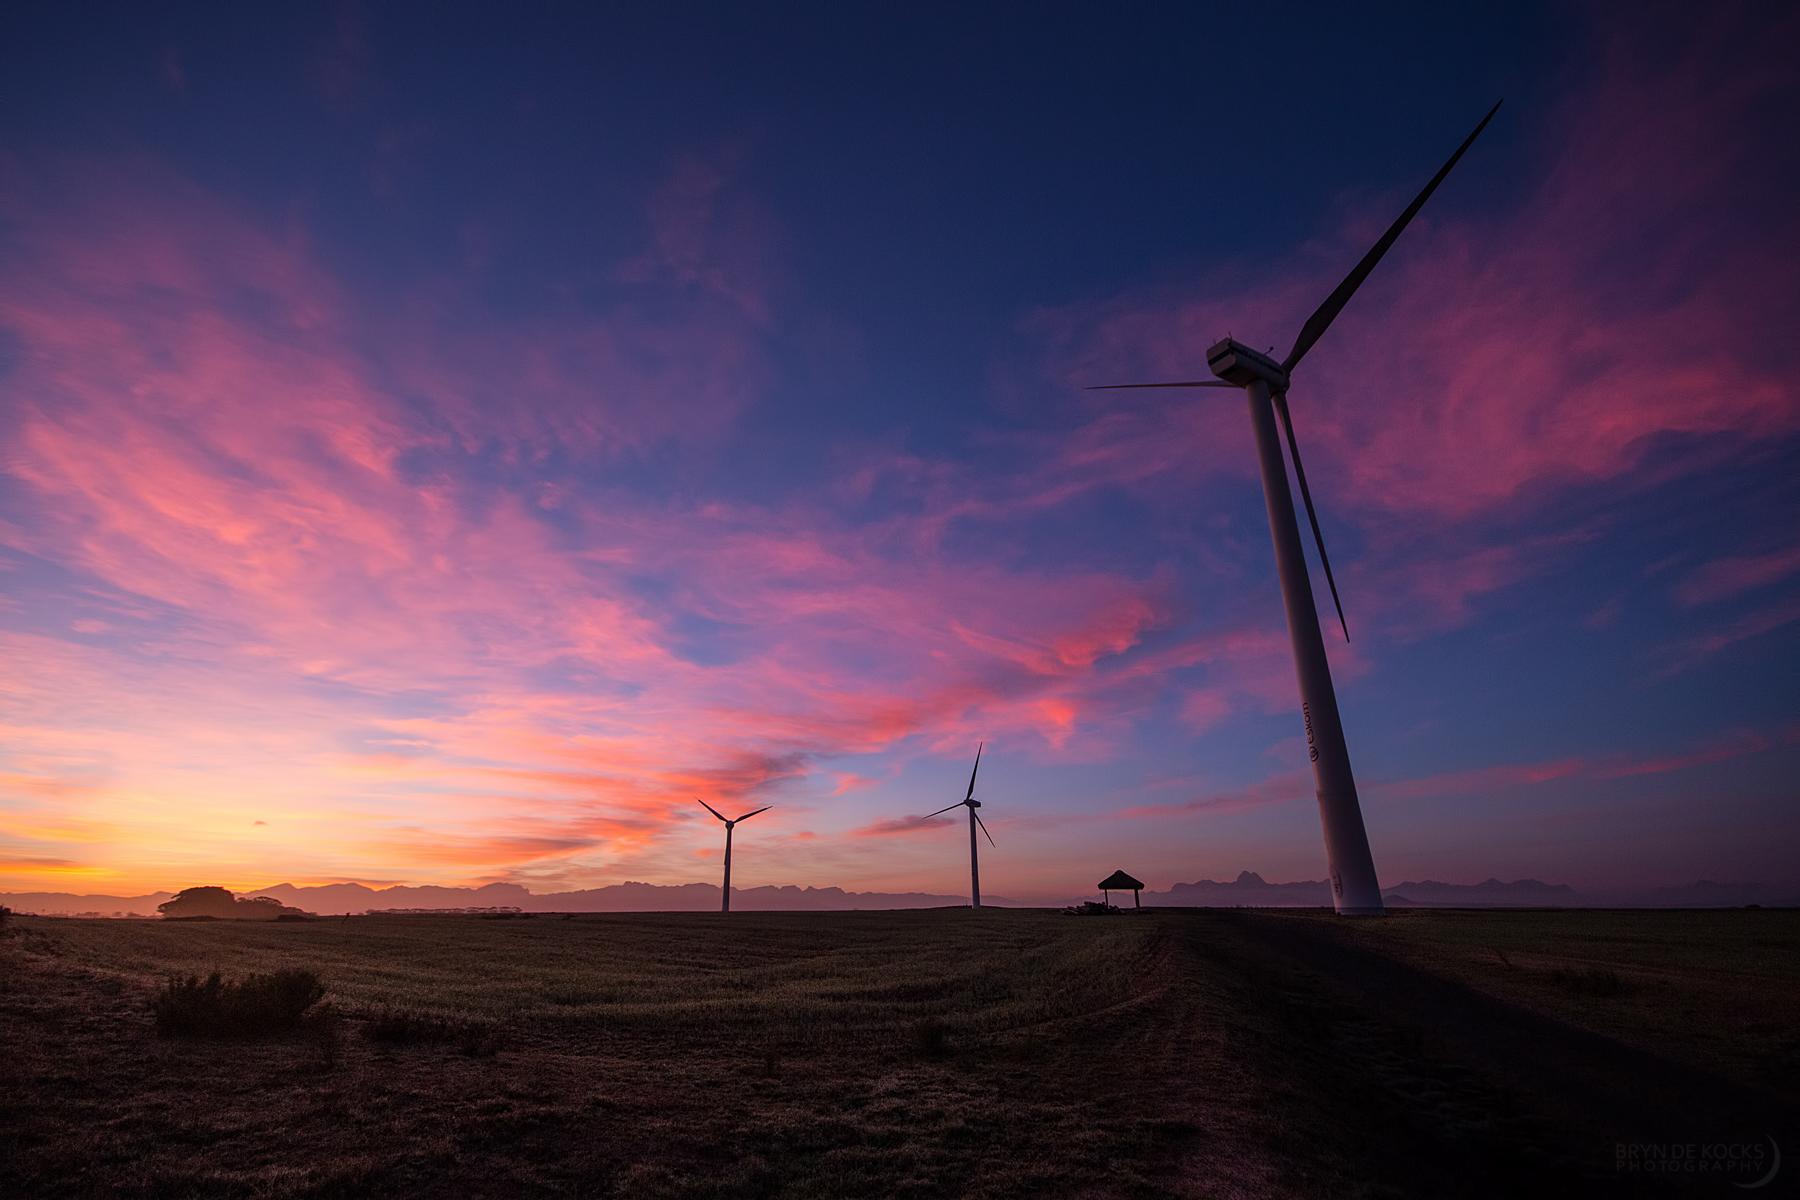 klipheuwel-sunrise